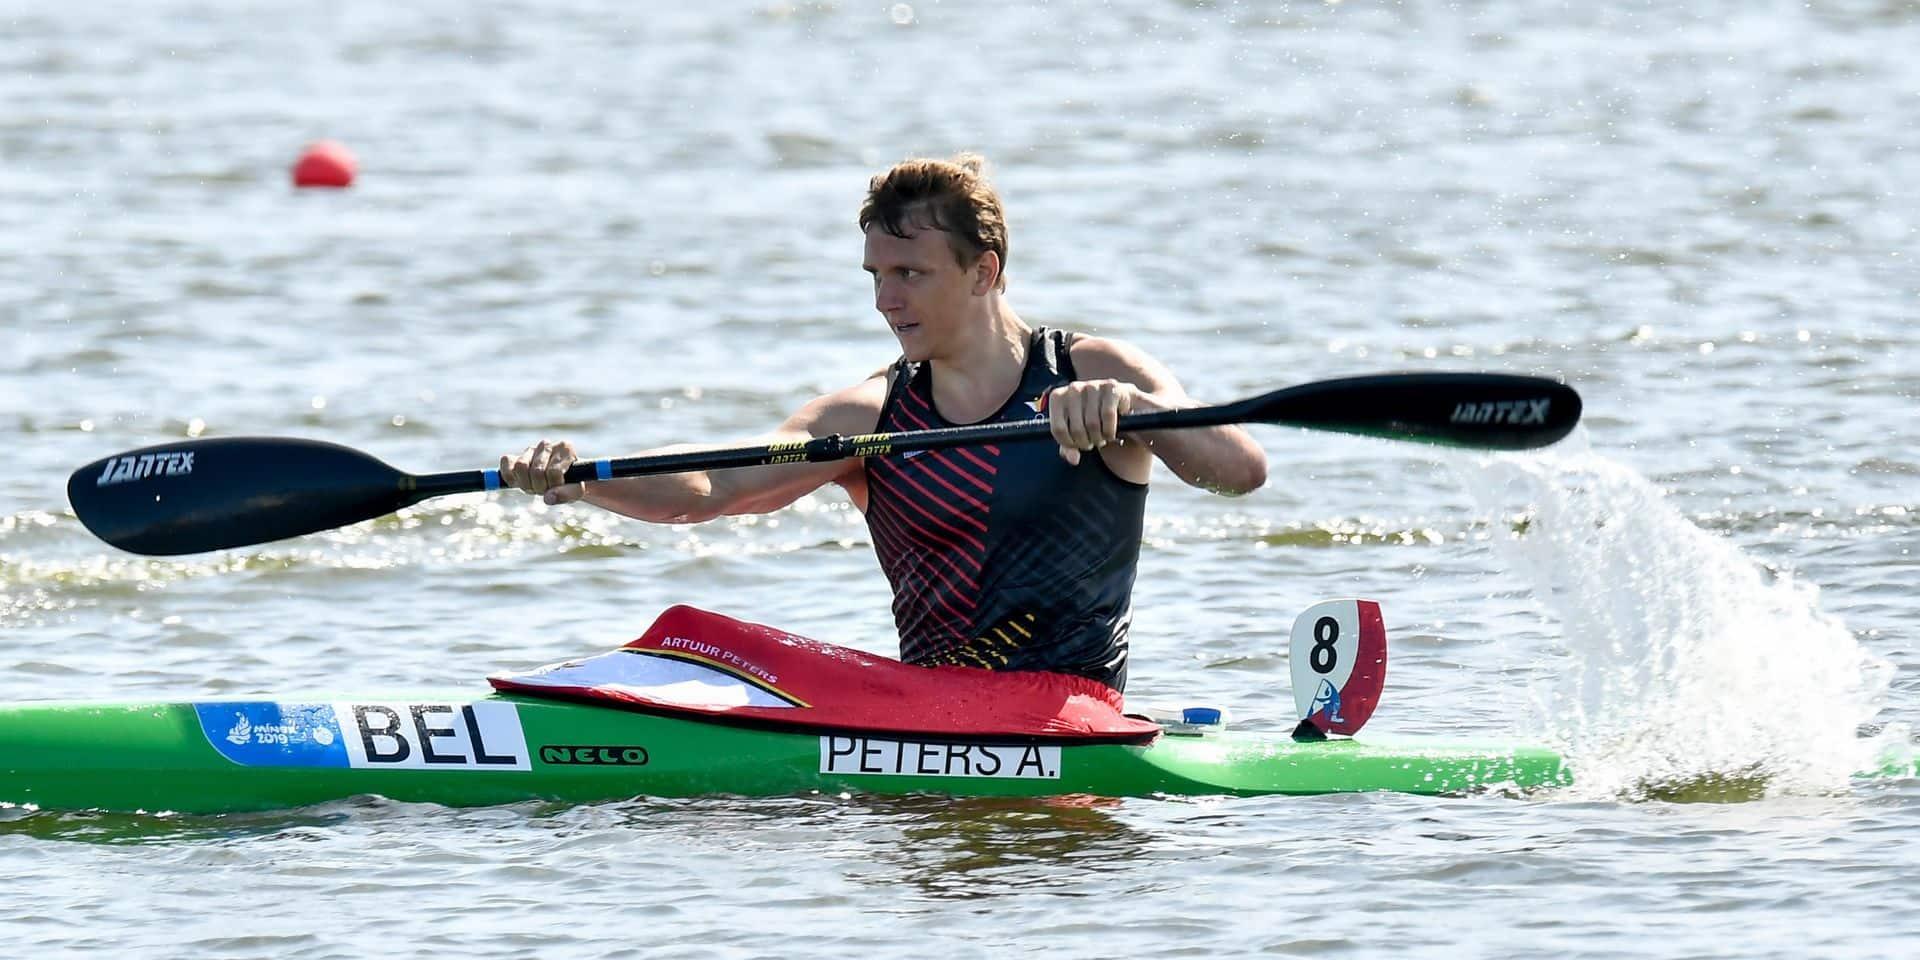 Canoë-Kayak : Artuur Peters signe un exploit à Szeged !